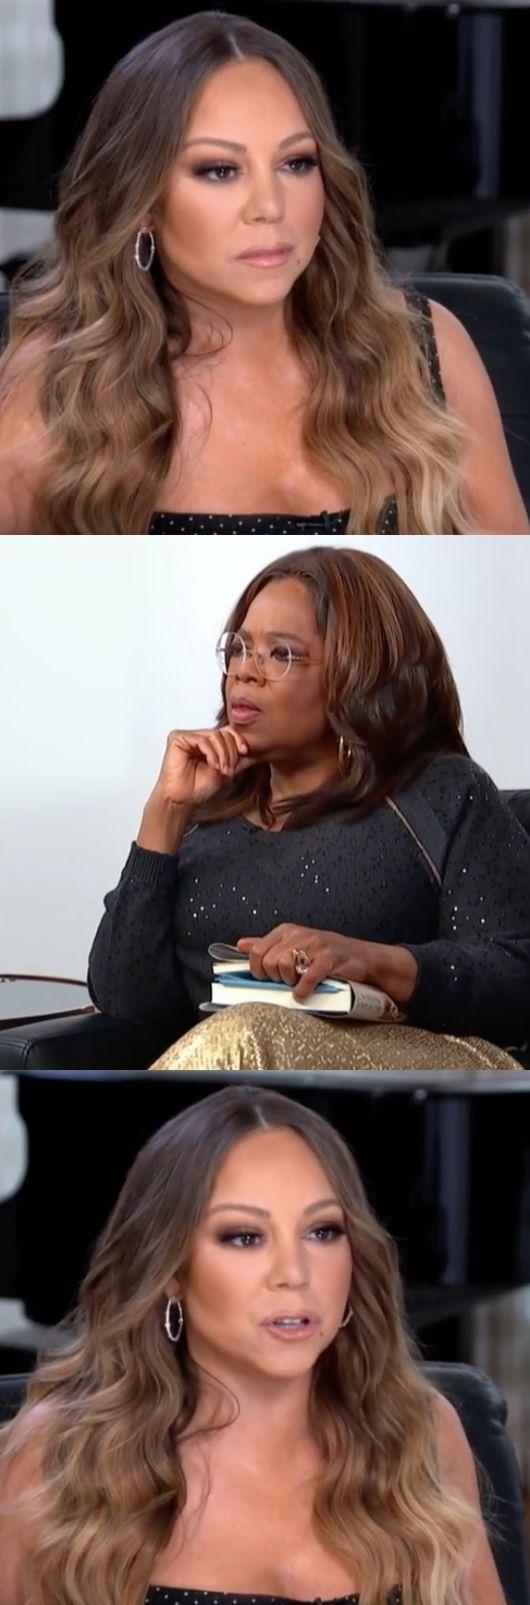 [사진=머라이어 캐리 SNS] 머라이어 캐리(위)가 오프라 윈프리의 토크쇼 '오프라의 대화'에 출연해 굴곡진 가정사를 털어놨다.